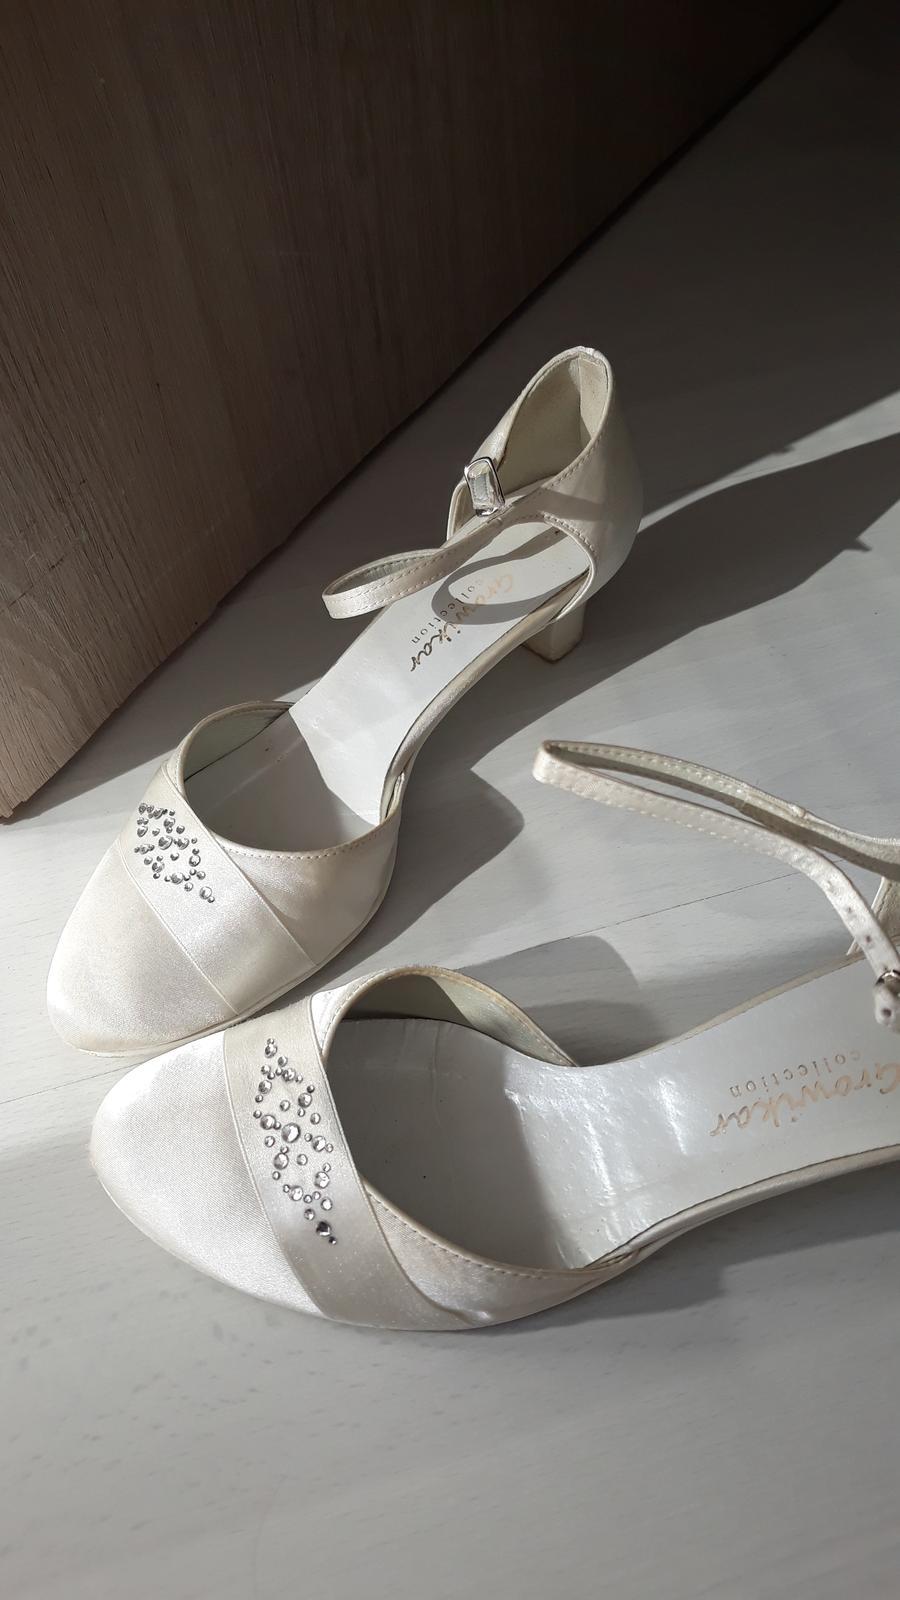 Svadobné topánky growikar - Obrázok č. 3